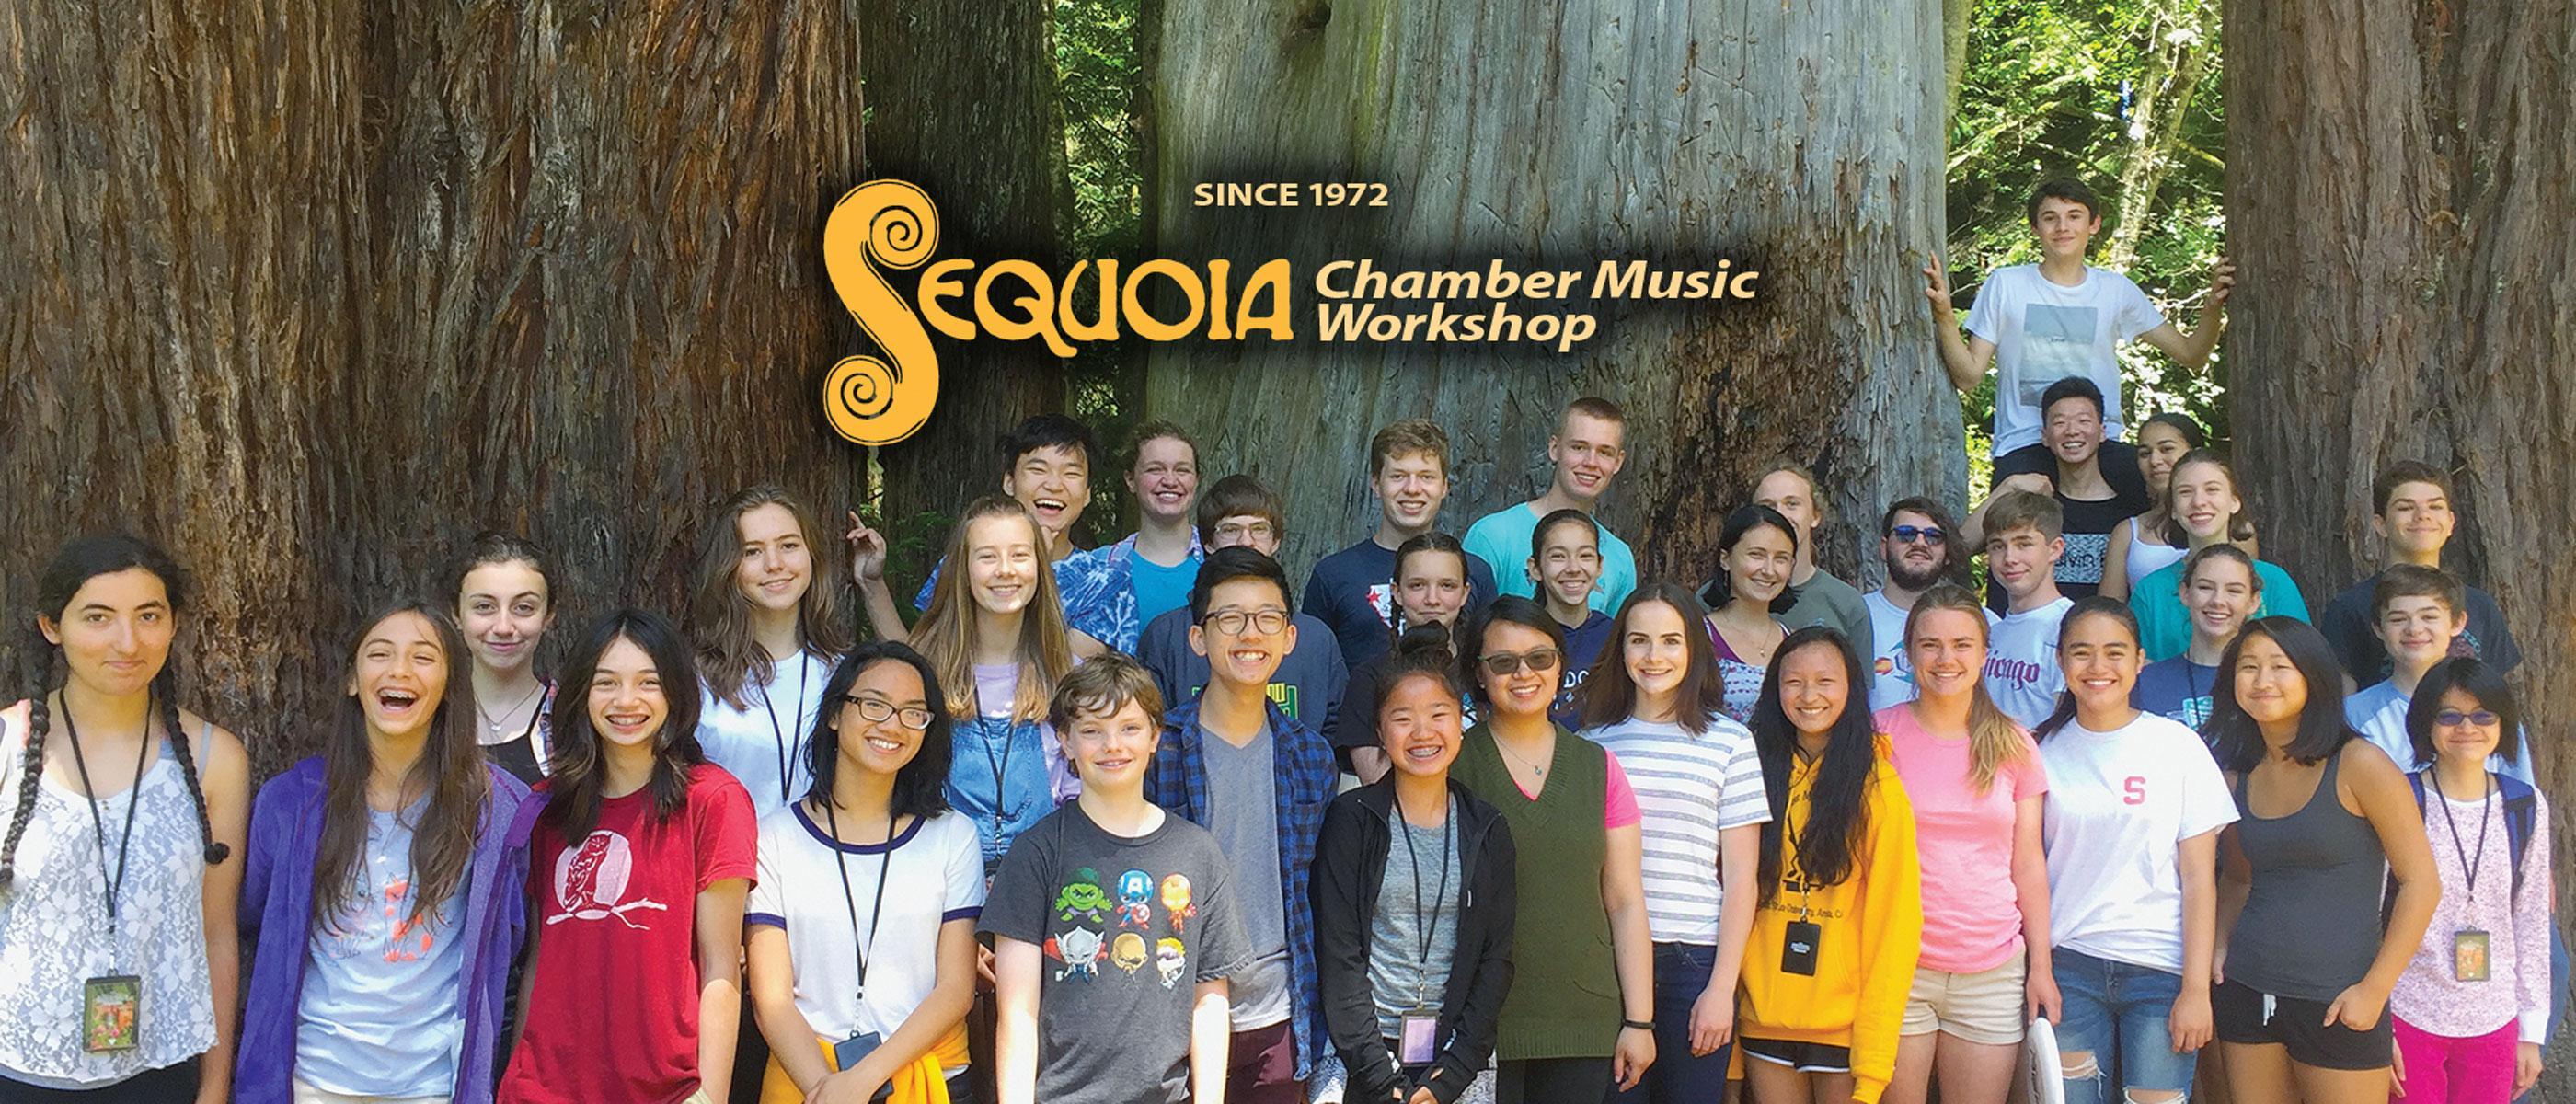 Sequoia group photo 2017